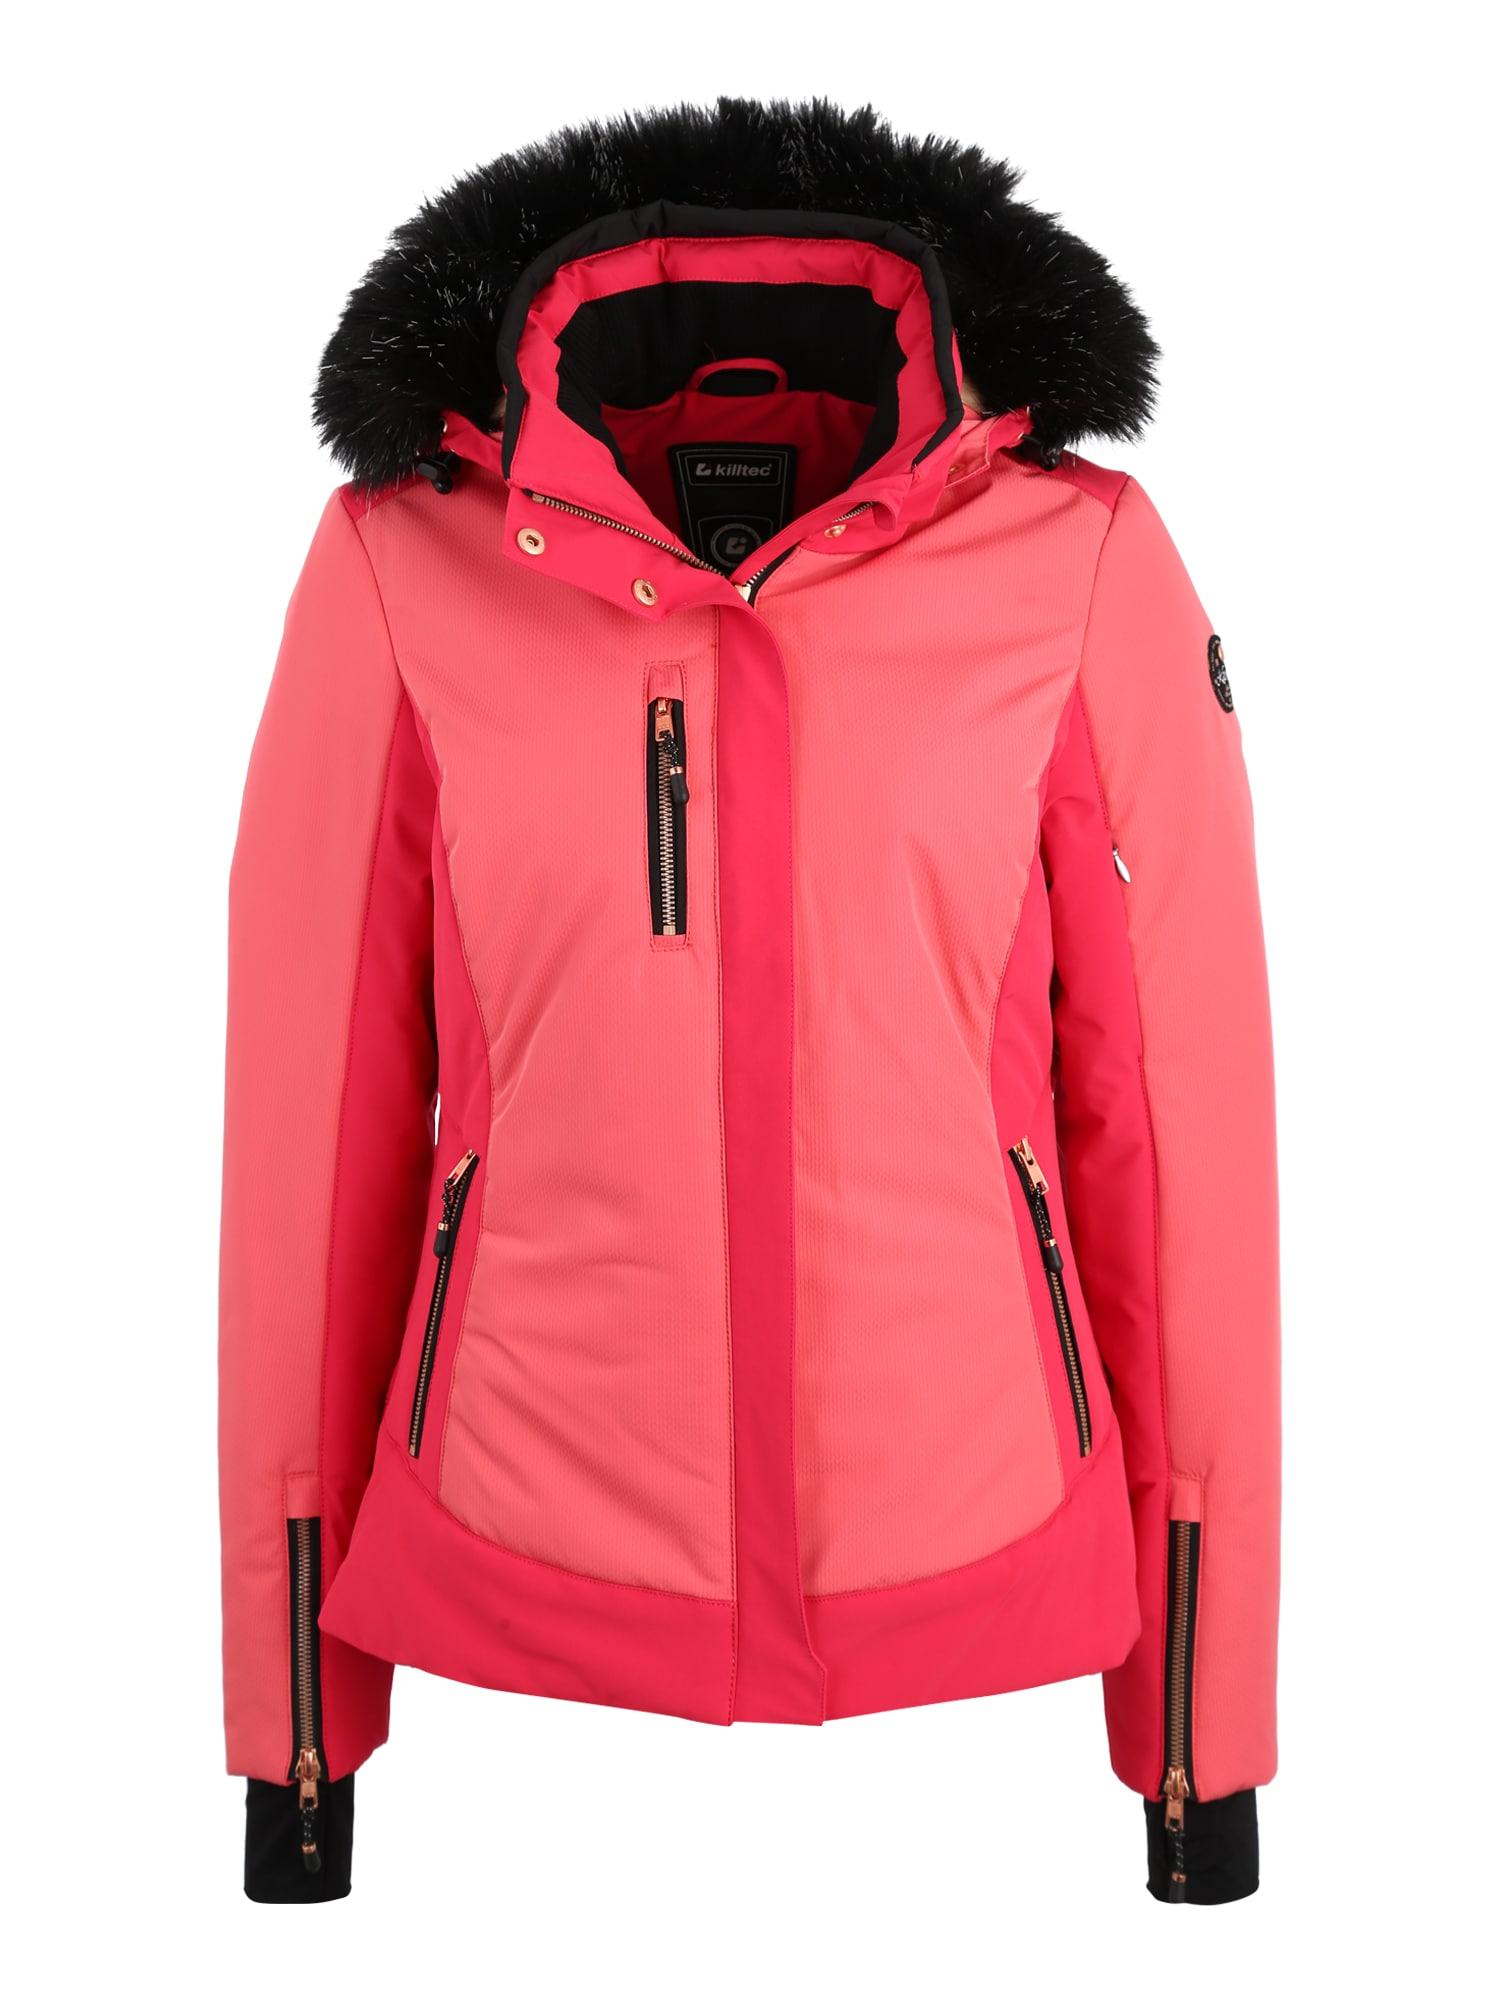 Sportovní bunda Elanora světle růžová KILLTEC